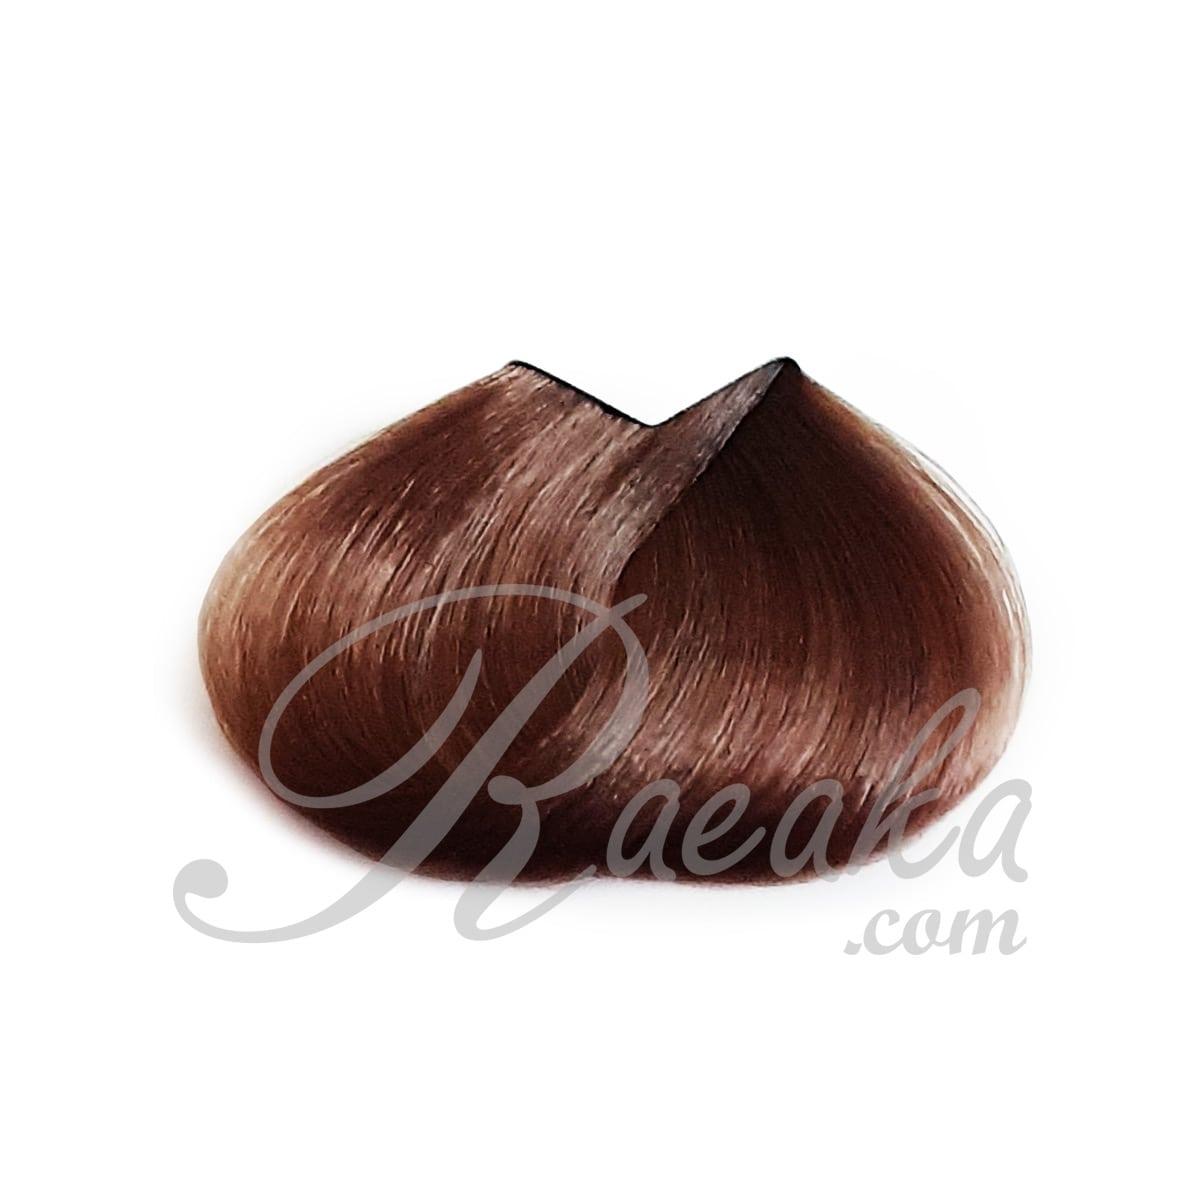 کیت رنگ موی زی فام شماره ۵٫۳ (قهوه ای ترافلی) با محافظت سه گانه